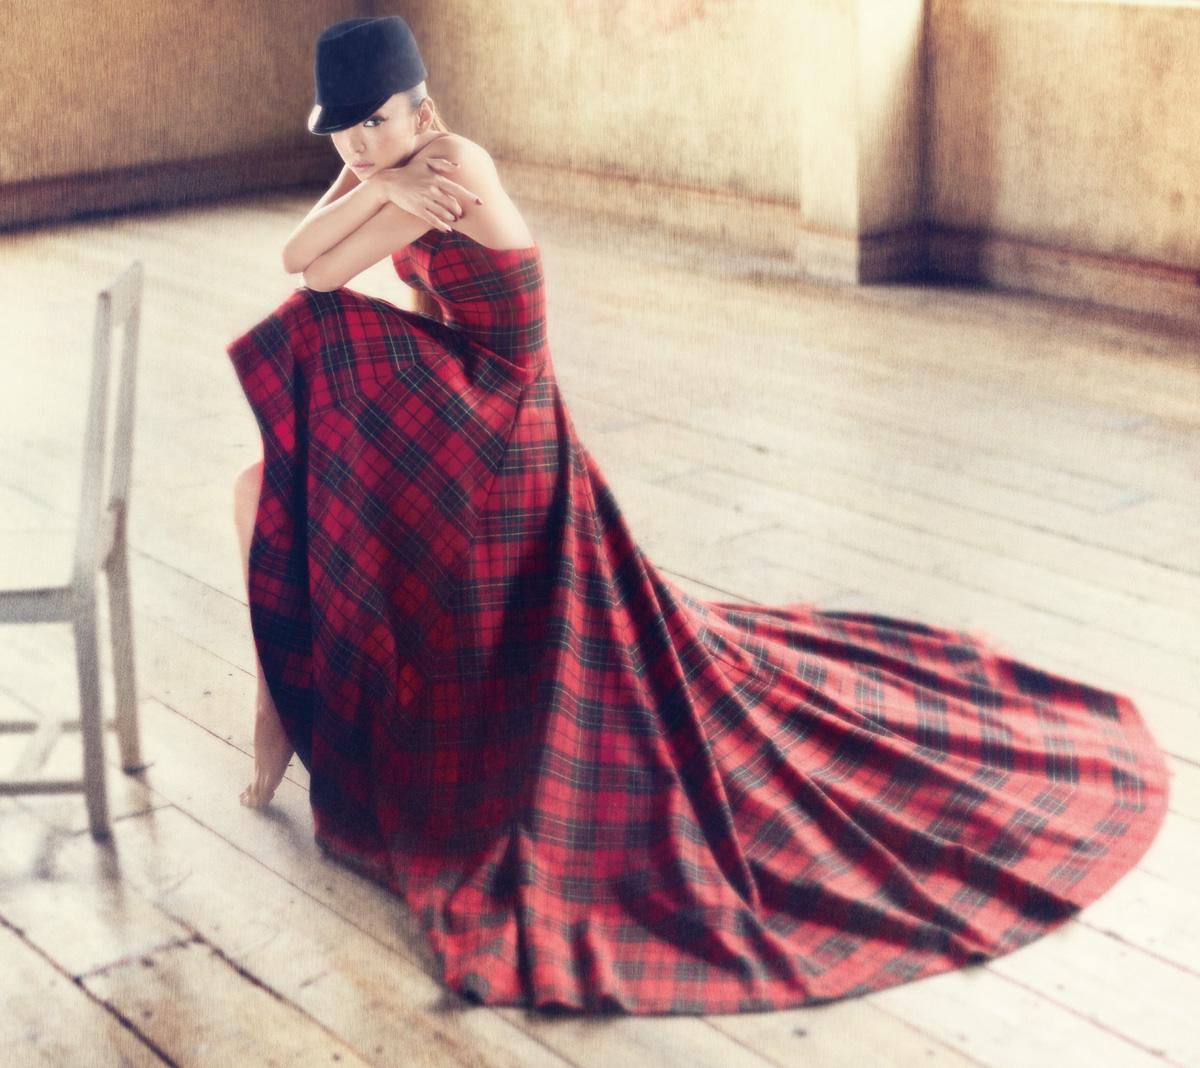 【画像・動画あり】安室奈美恵さんのバラードをまとめてみました。のサムネイル画像